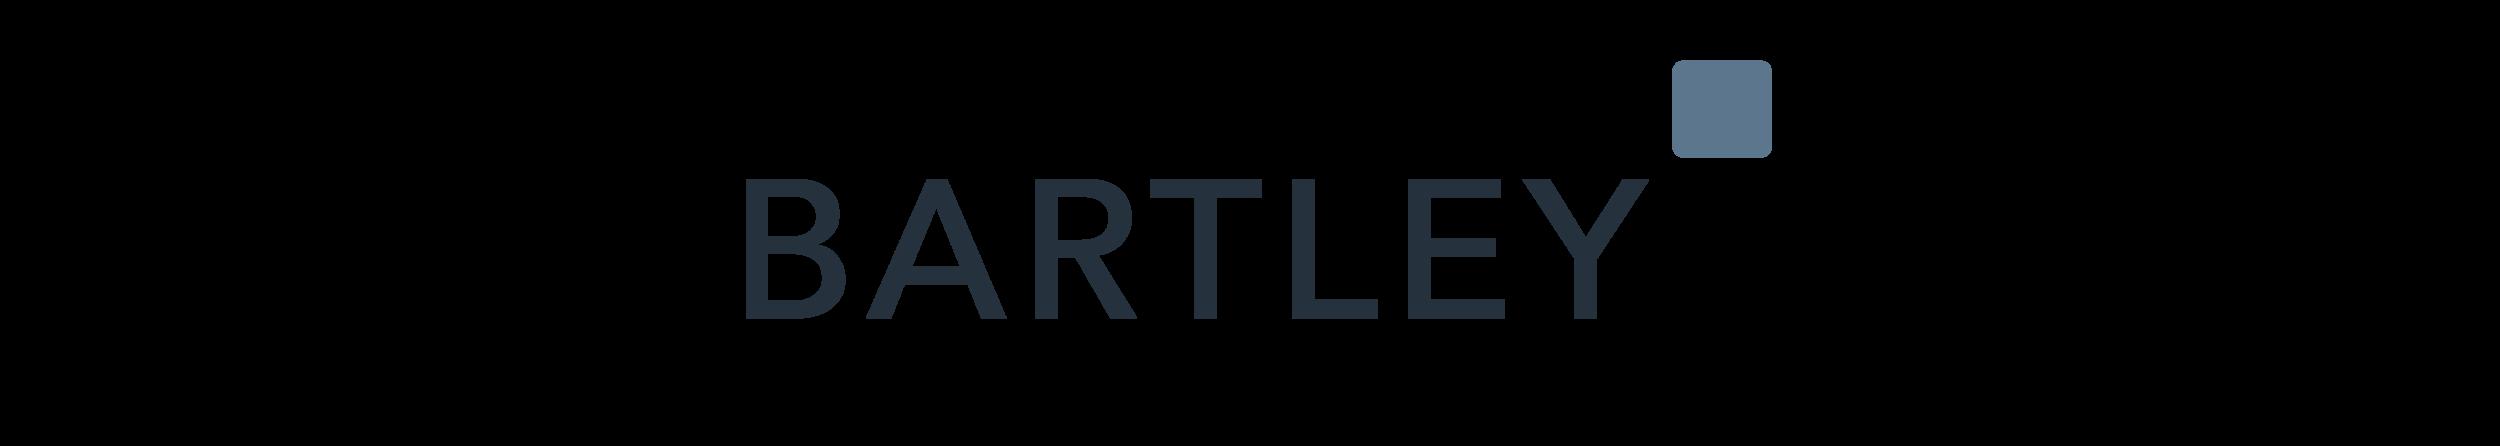 bartley-logo-footer.png